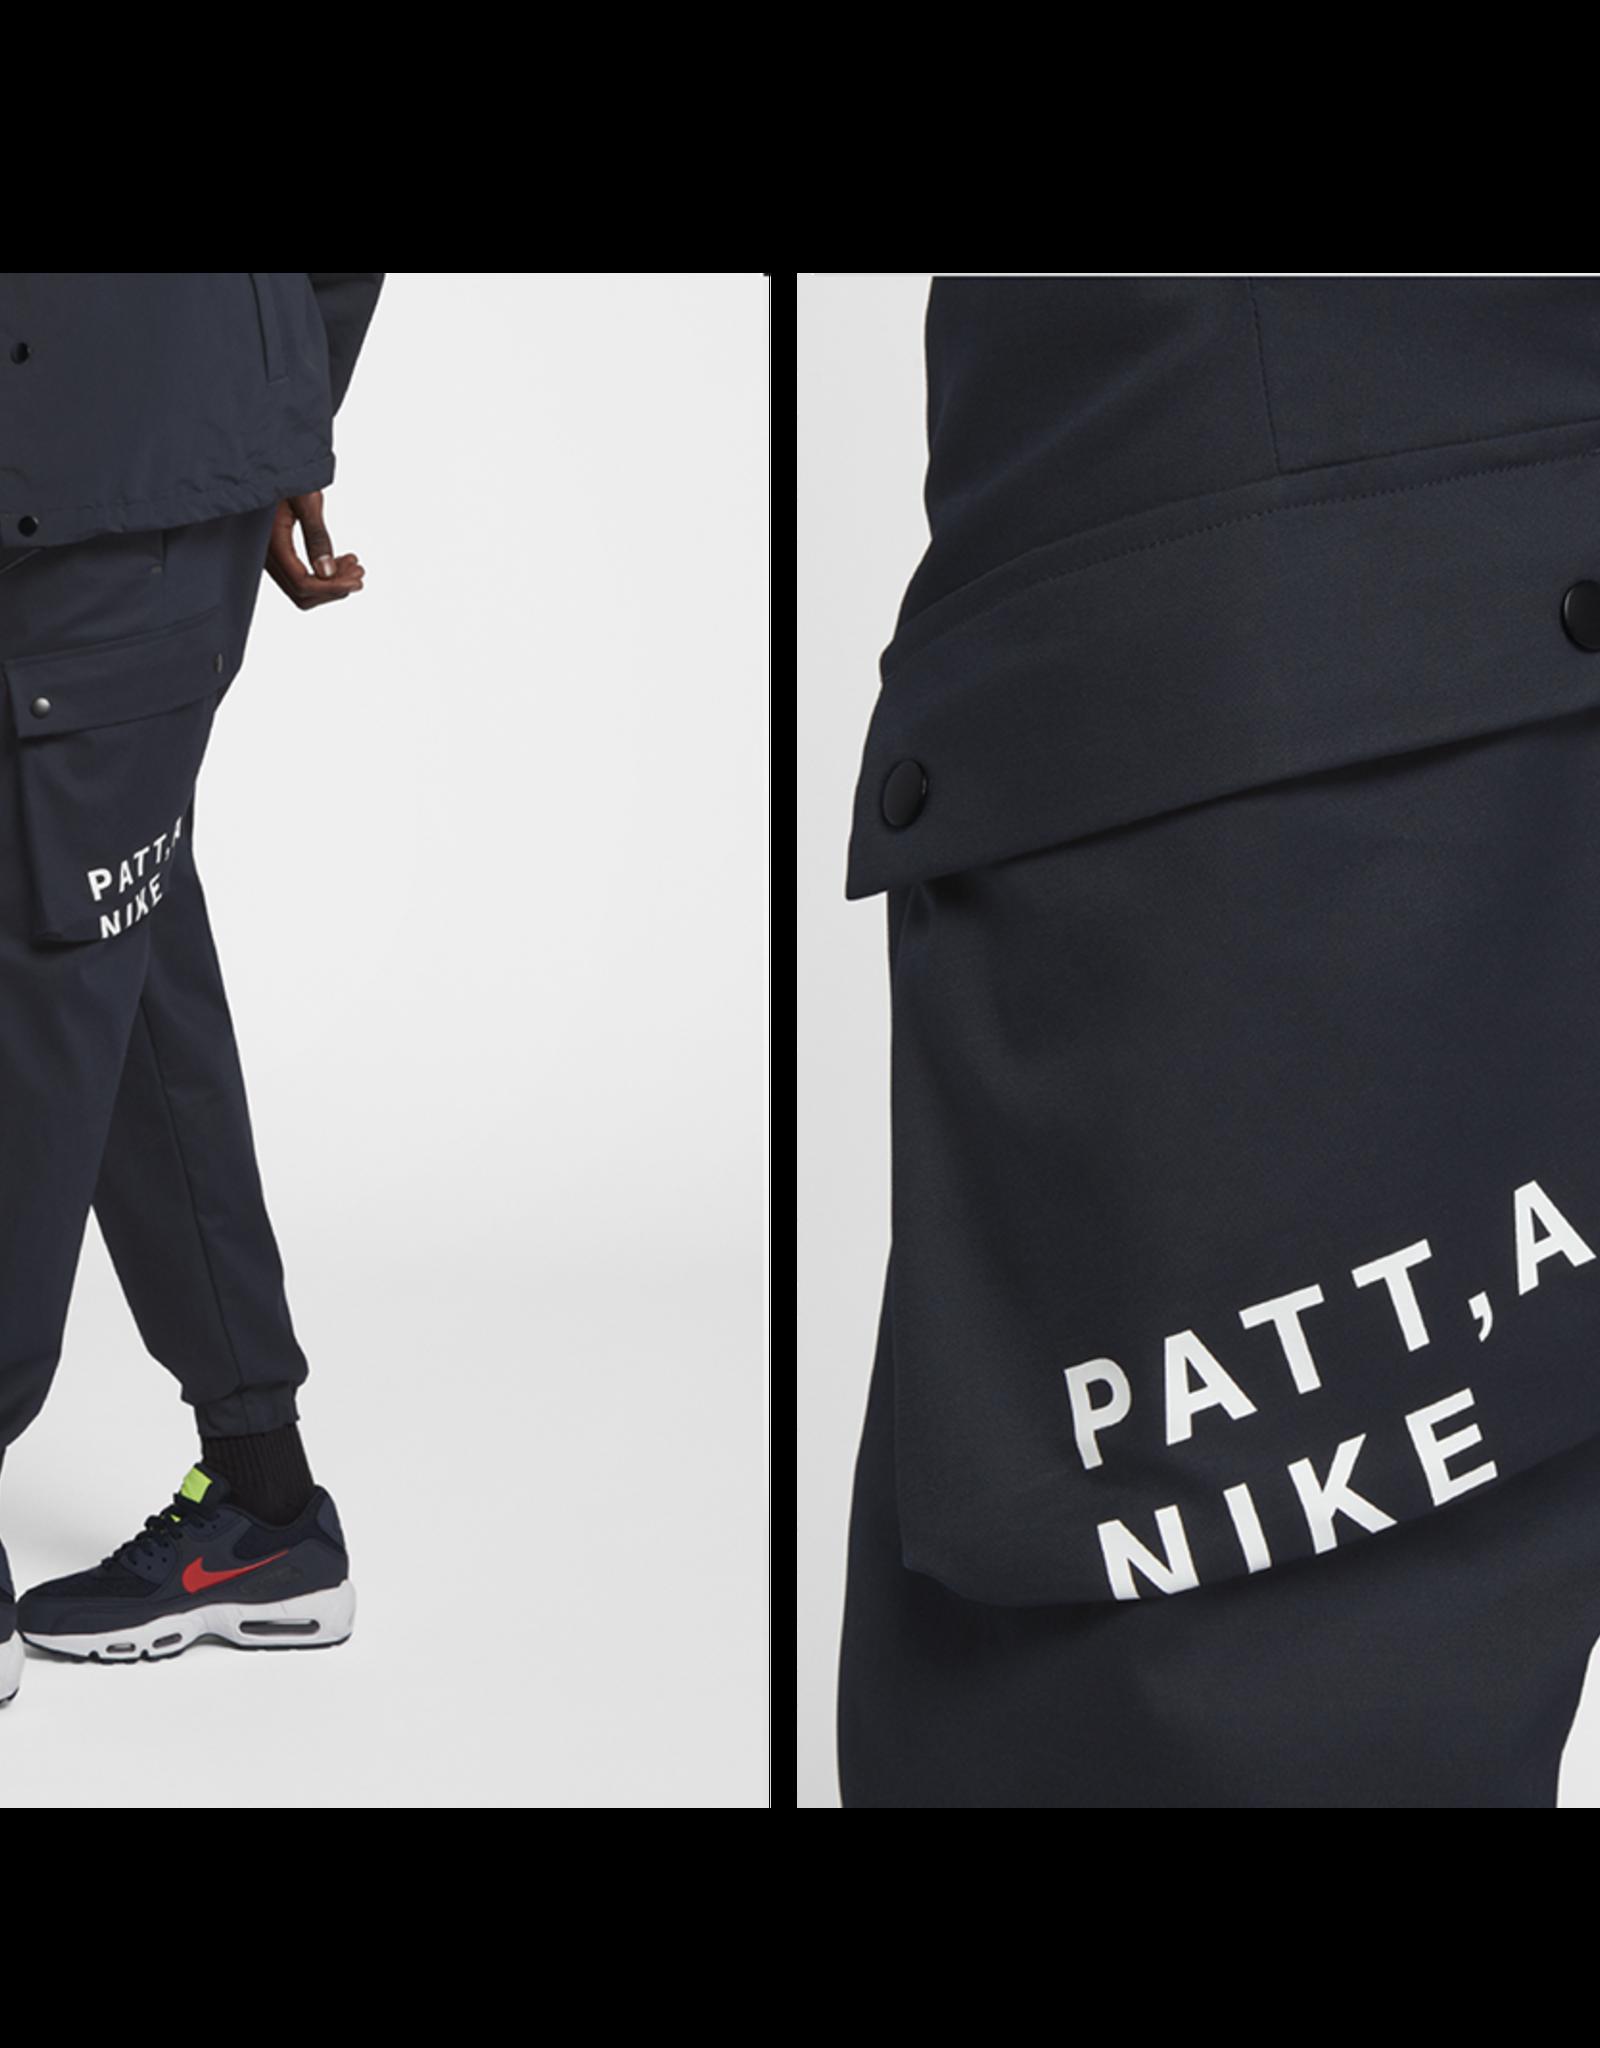 NIKE PATT,A x Nike Jooger XL